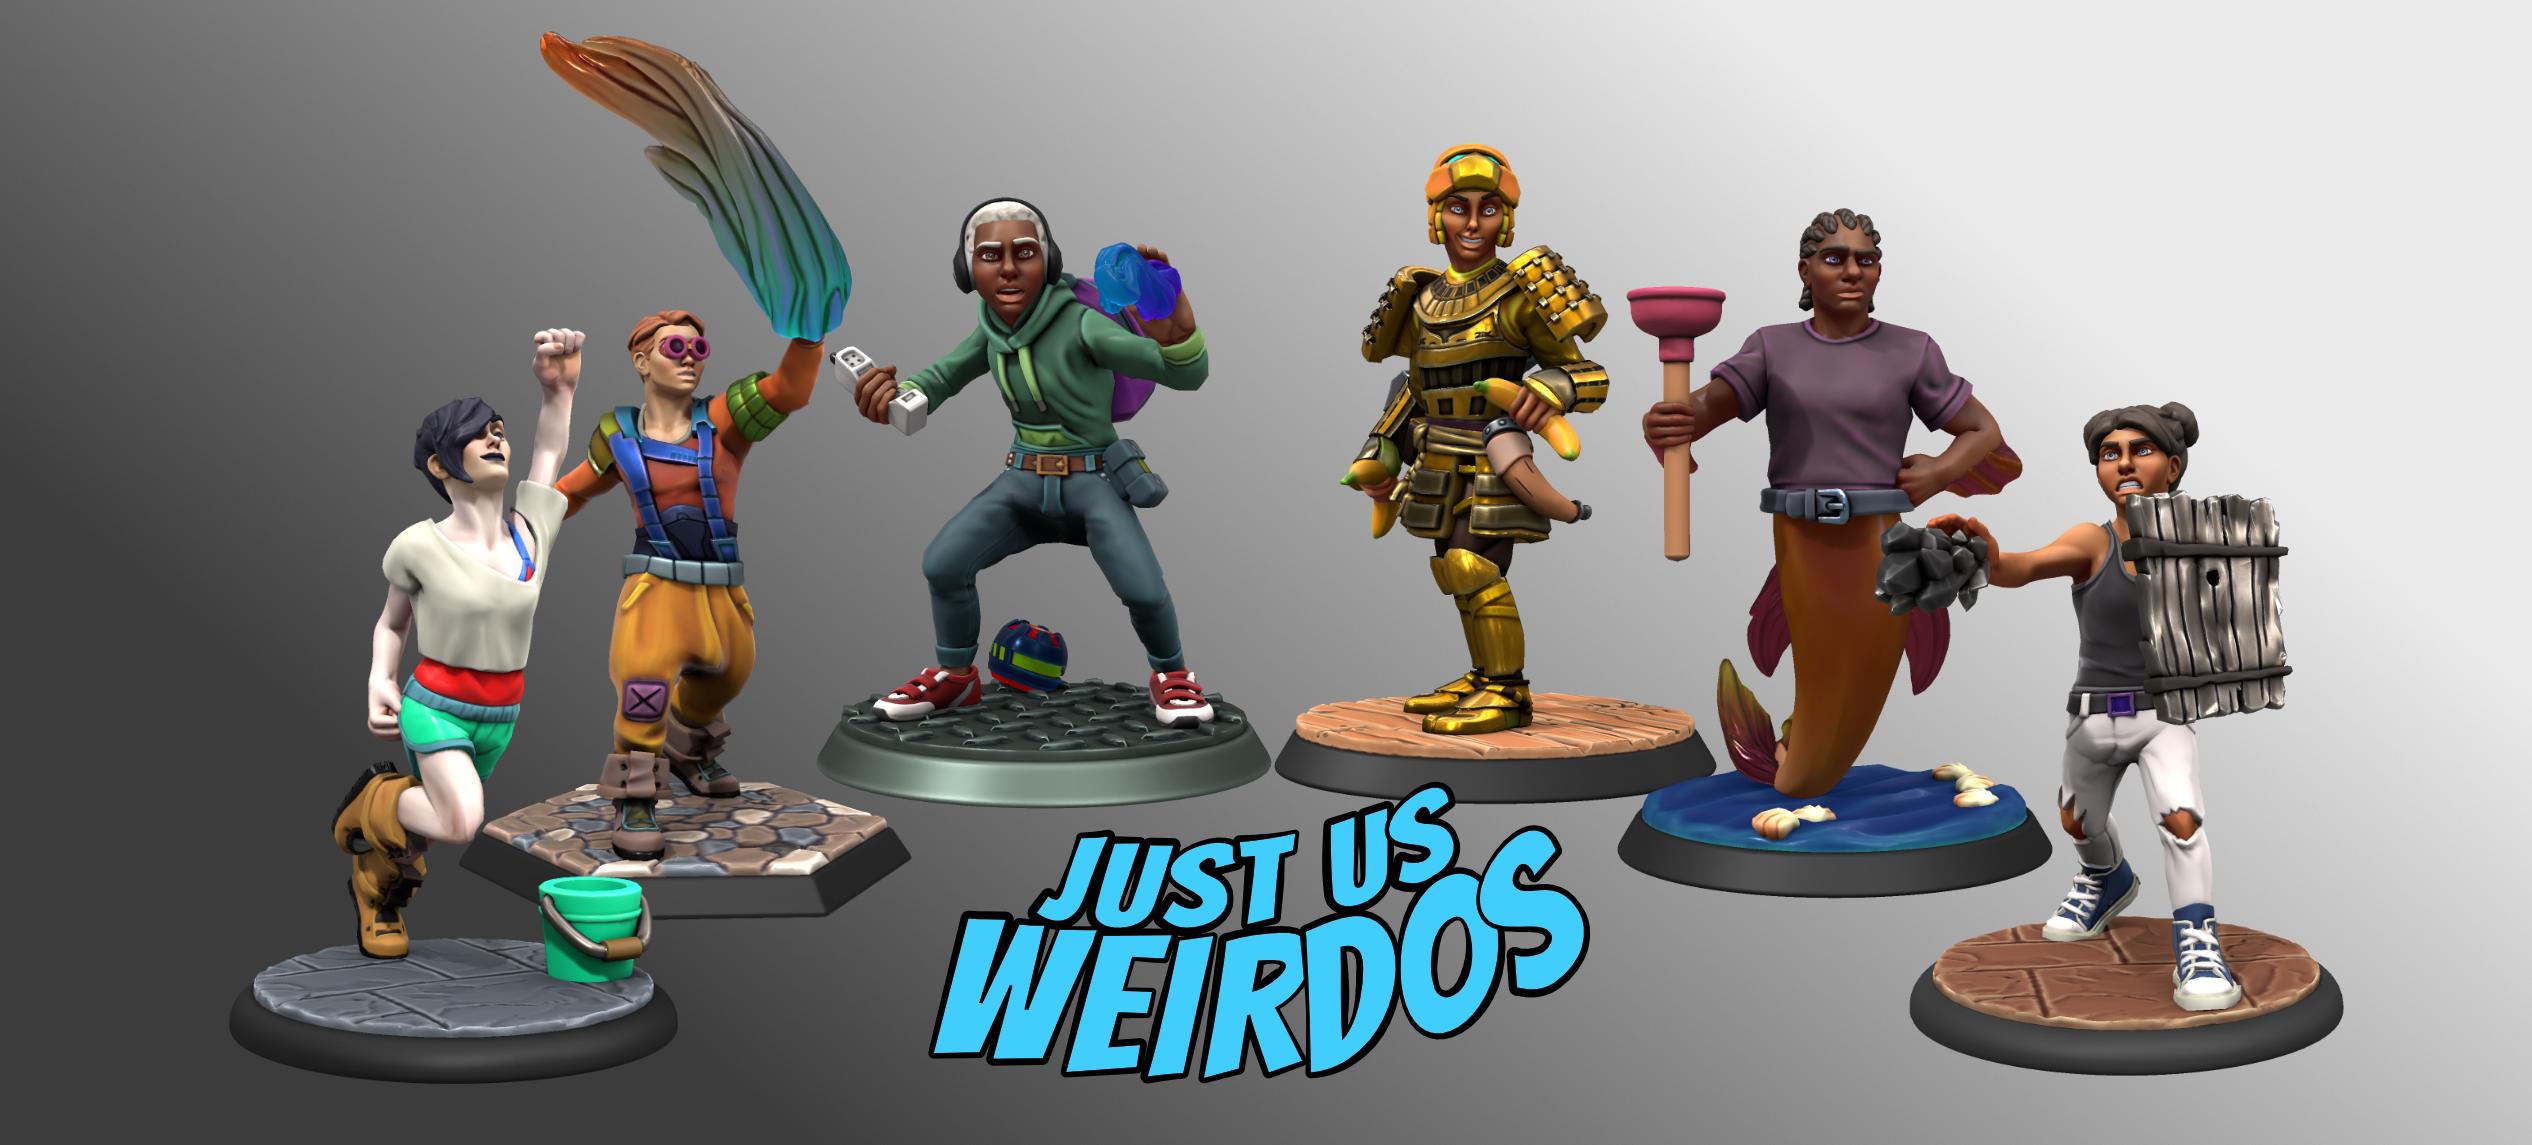 Action figures of the Weirdos in their Season 3 gear